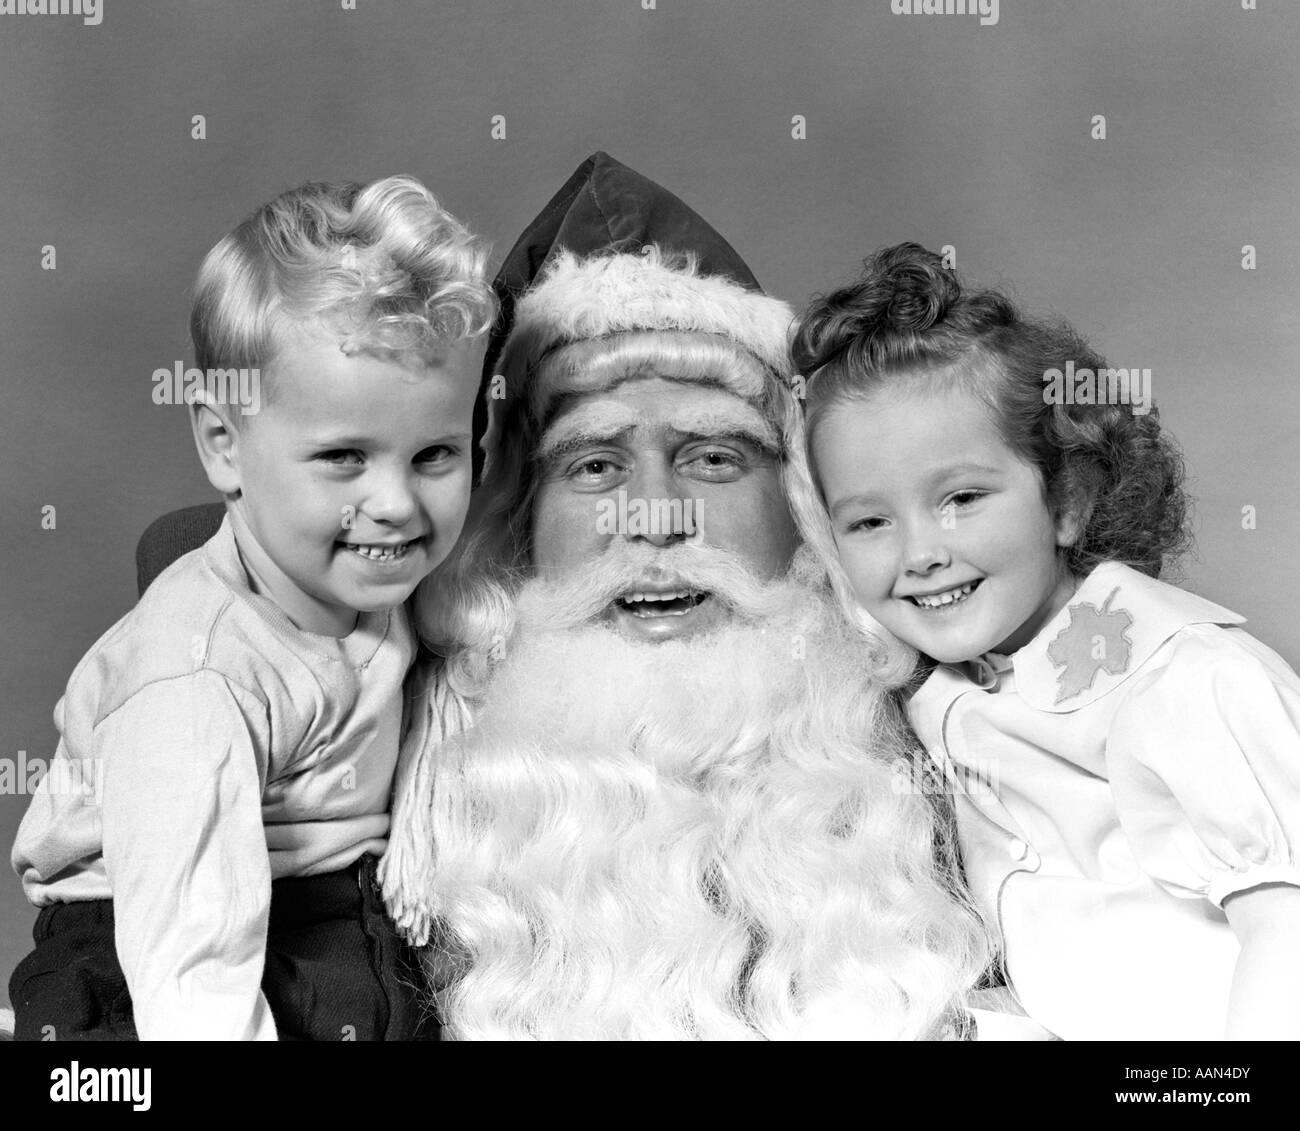 1940s uomo SANTA CLAUS in posa con un giovane ragazzo e ragazza in giro tutti sorridenti guardando la fotocamera Immagini Stock